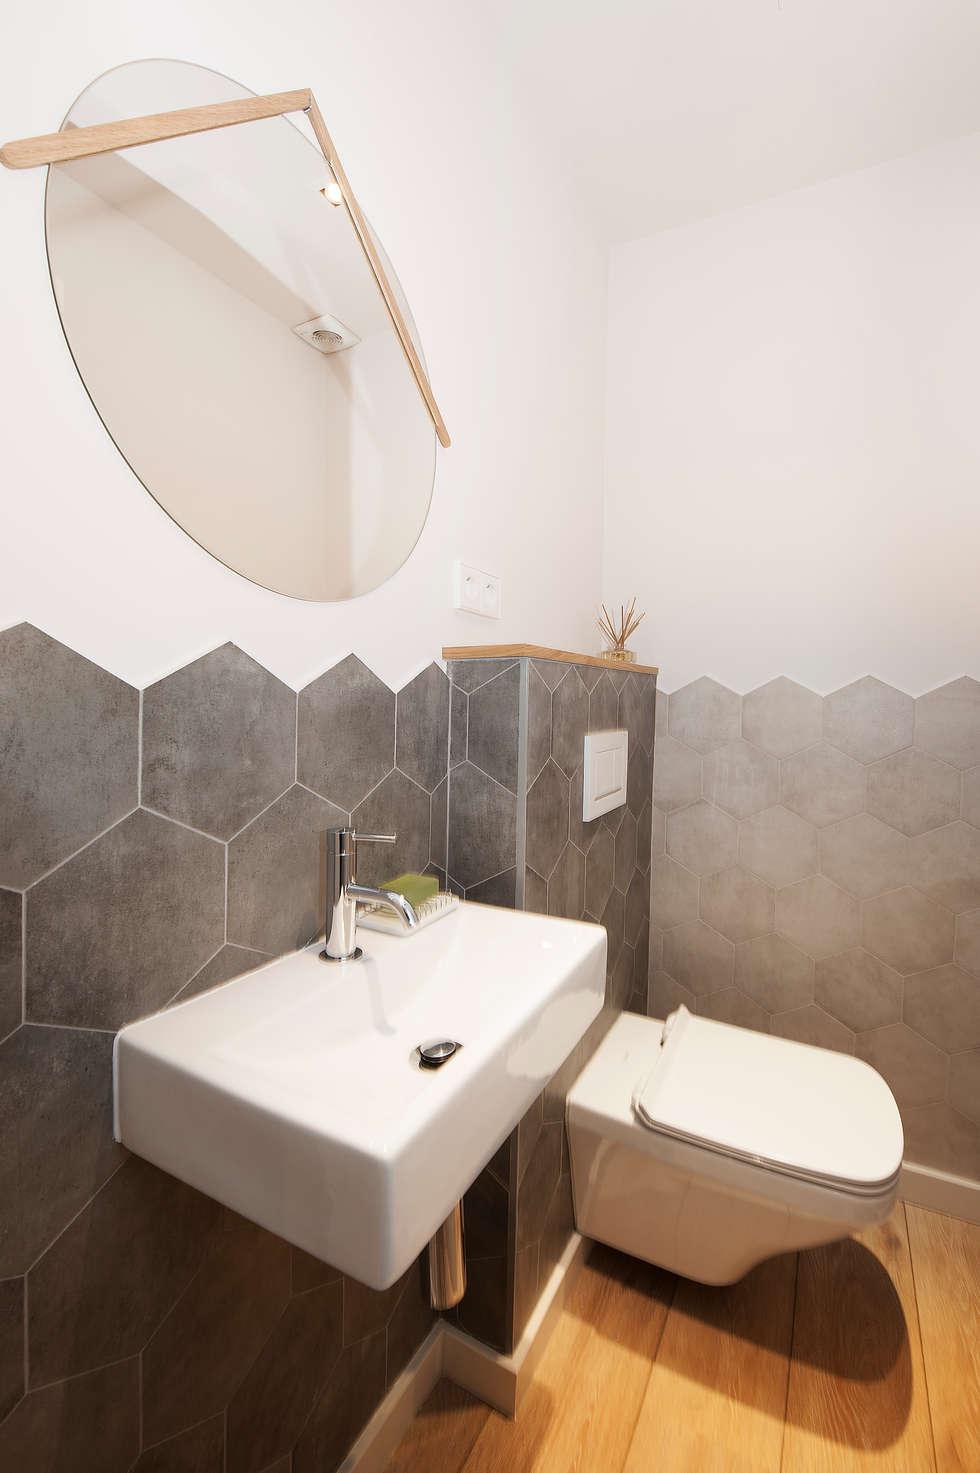 Fotos de decoraci n y dise o de interiores homify - Baldosas hexagonales ...